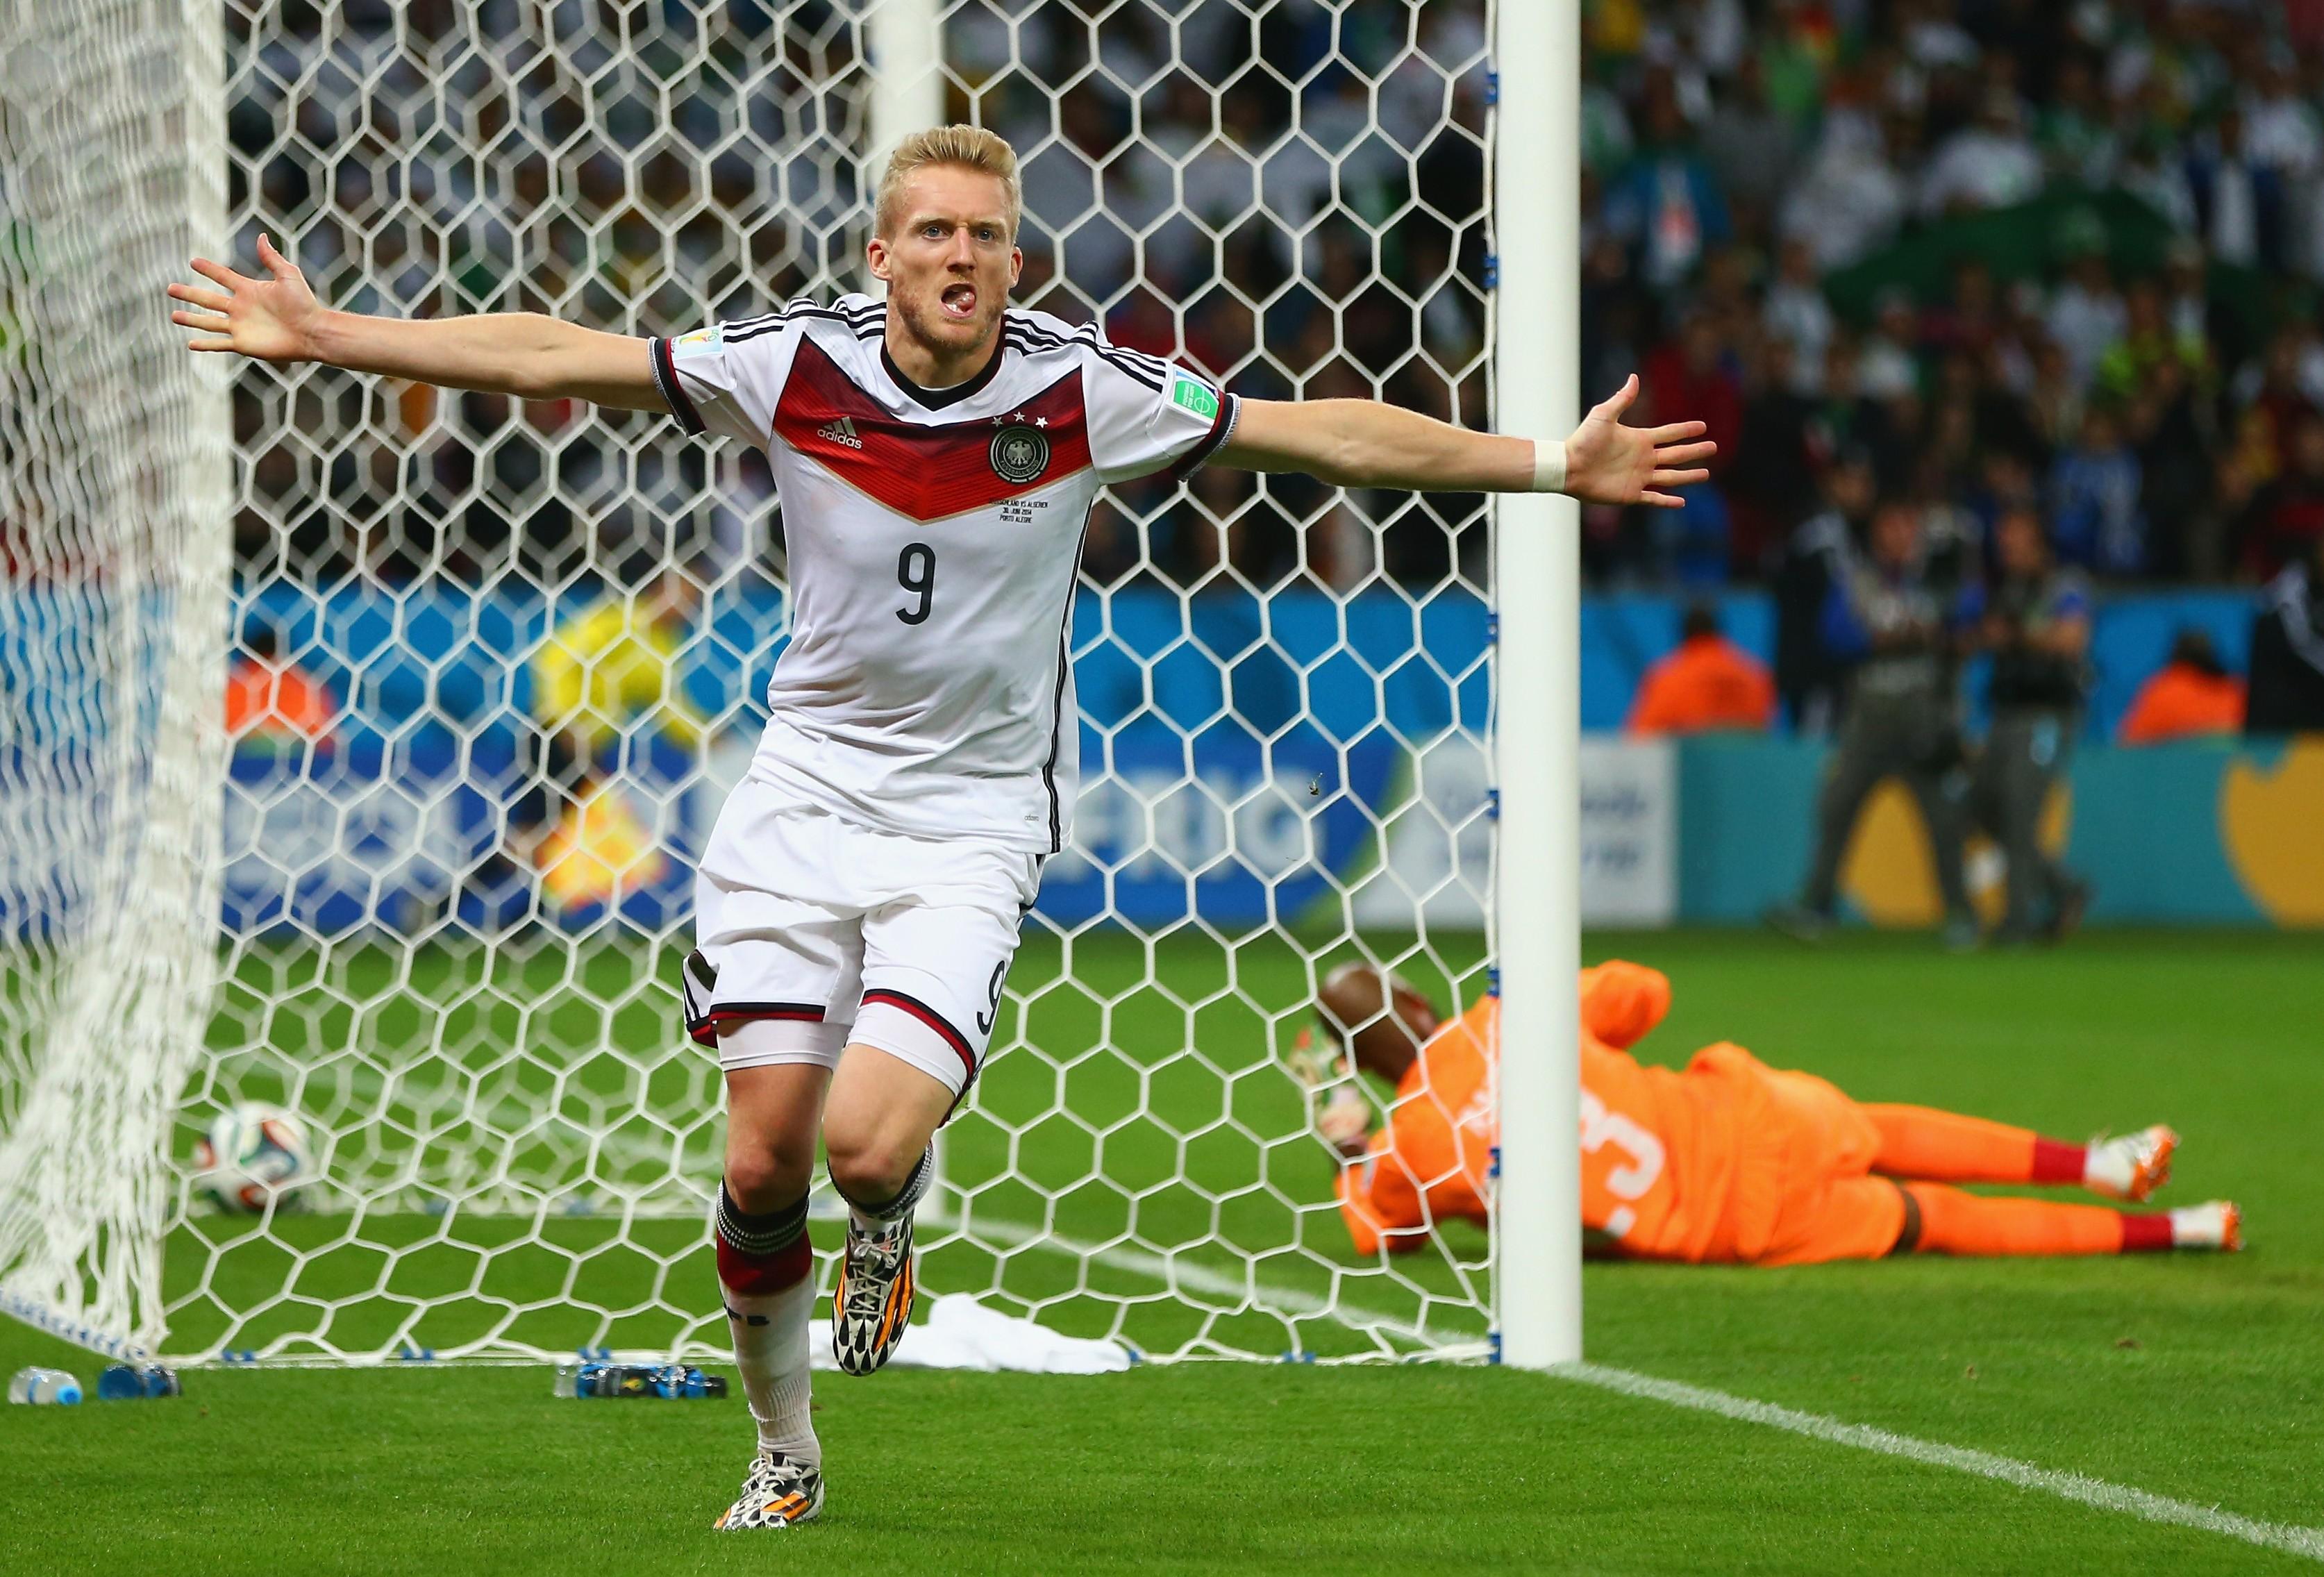 Германия - Алжир 2:1. Немцы уносят ноги от неуступчивого Алжира - изображение 6